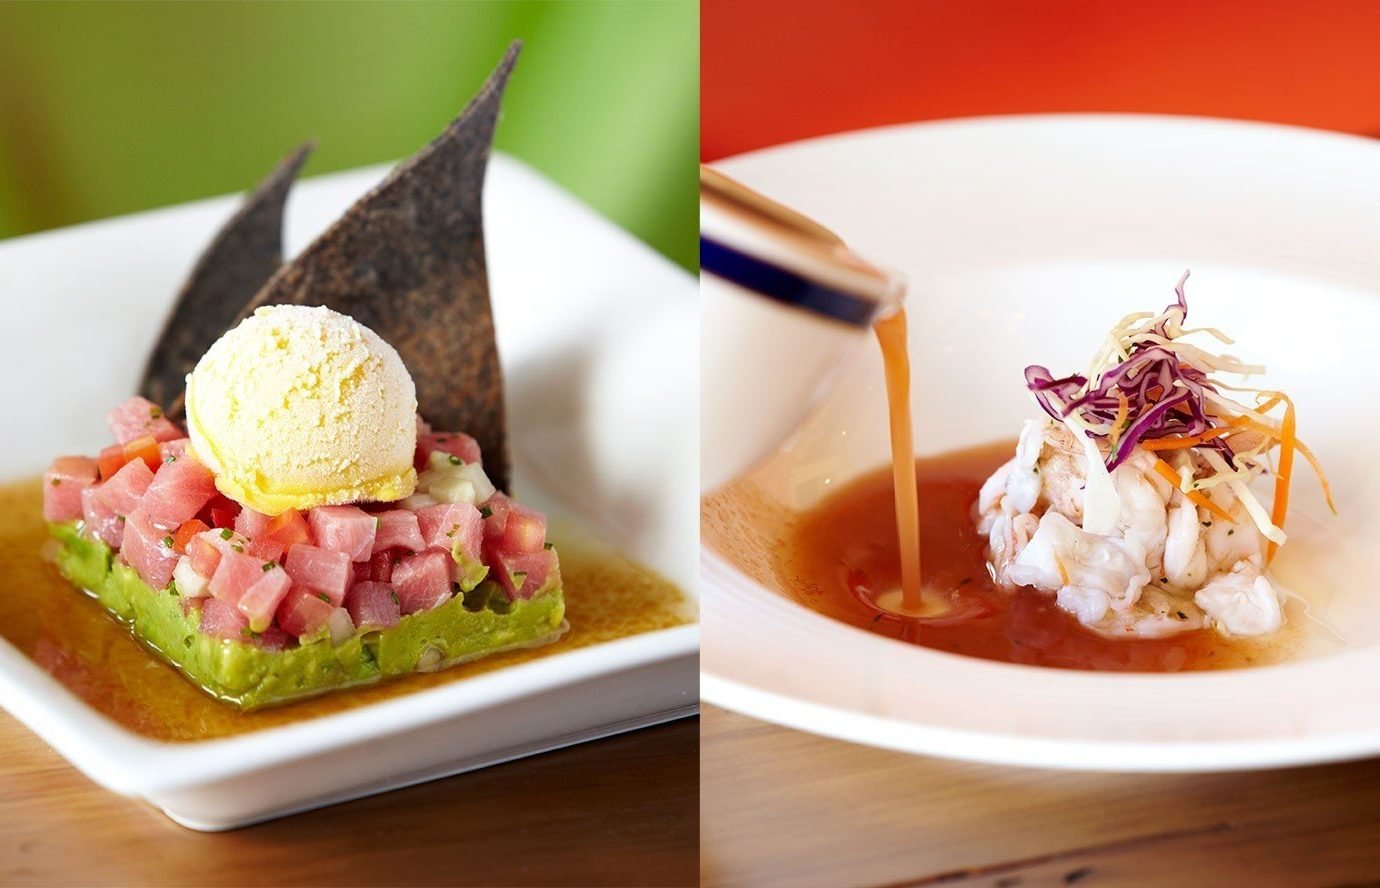 Food + Drink food plate dish cuisine meal produce asian food piece de resistance